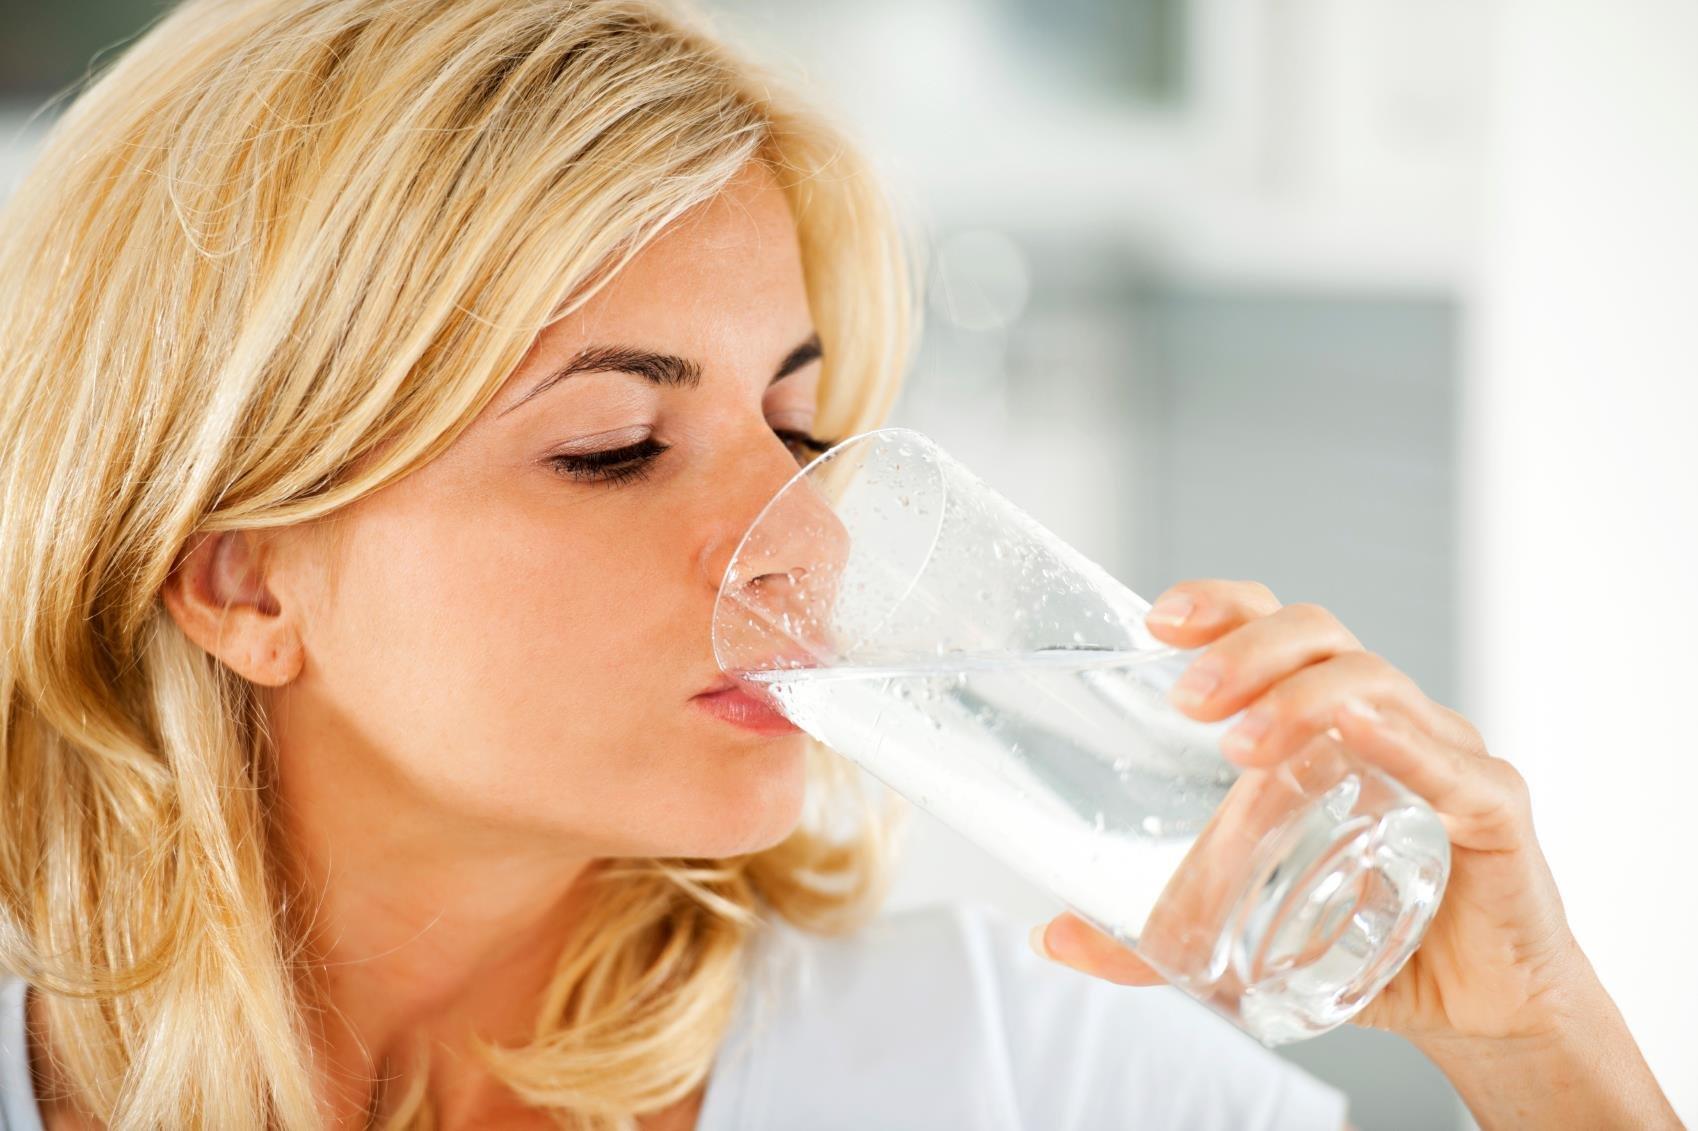 7 ежедневных привычек, которые провоцируют усиление морщин